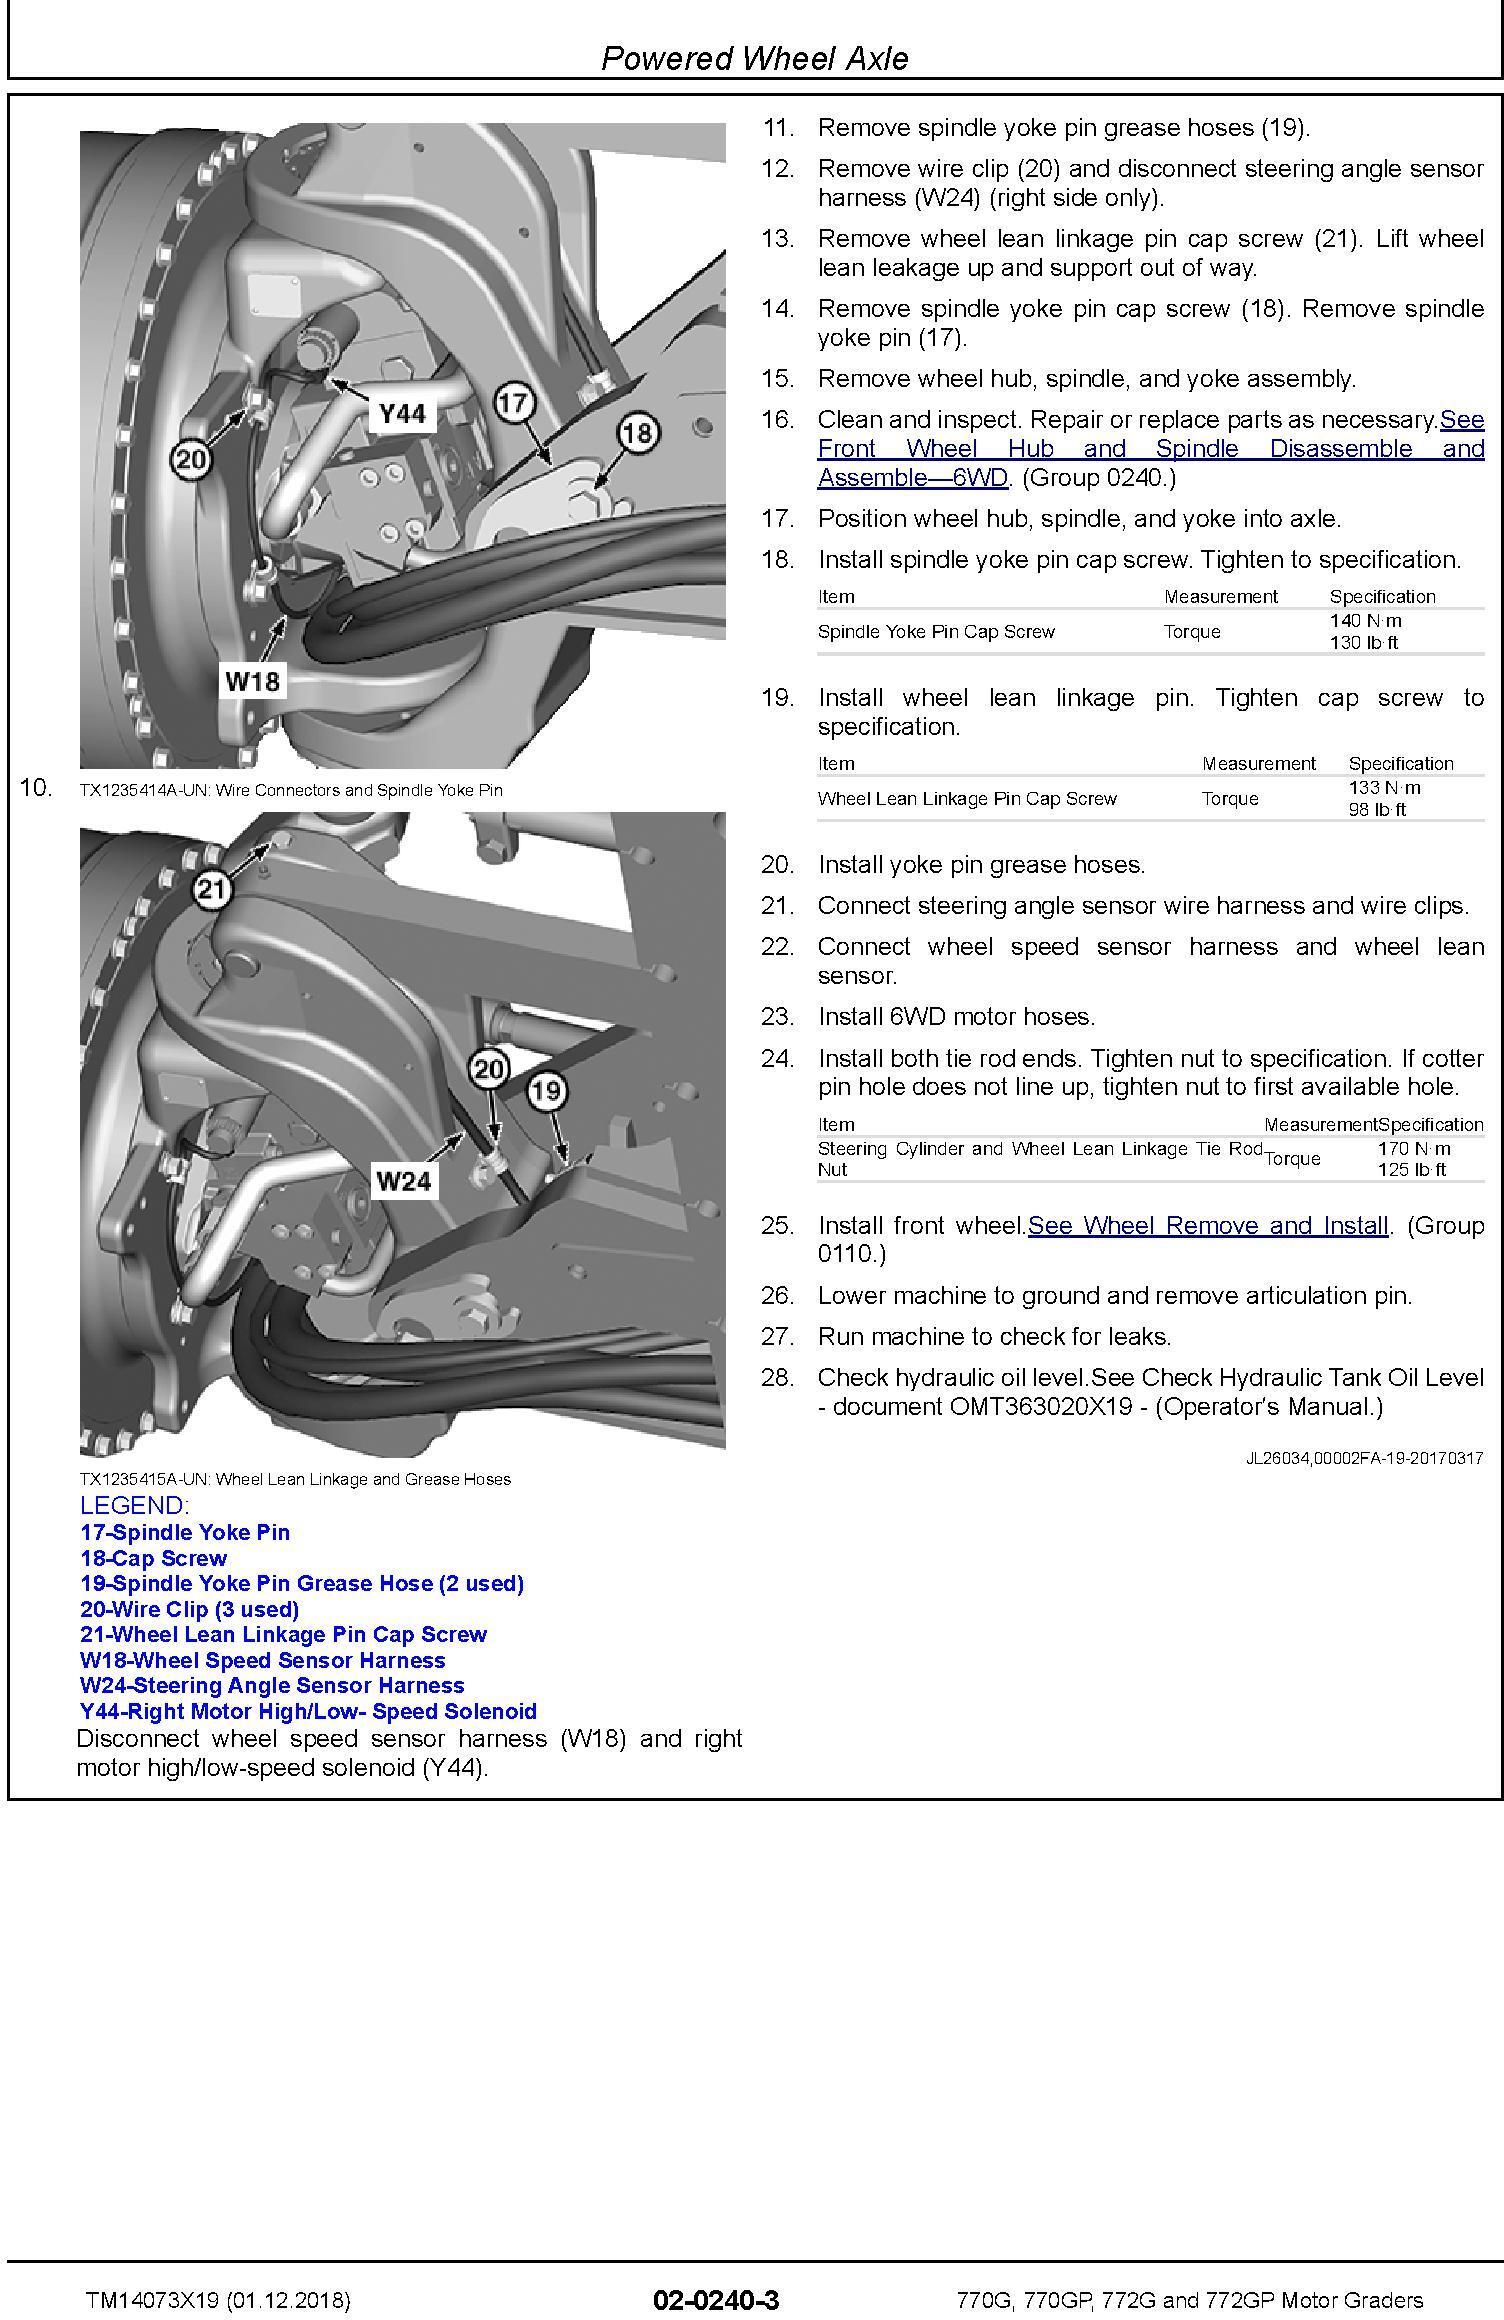 John Deere 770G, 770GP, 772G, 772GP (SN. F678818-680877) Motor Graders Repair Manual (TM14073X19) - 2